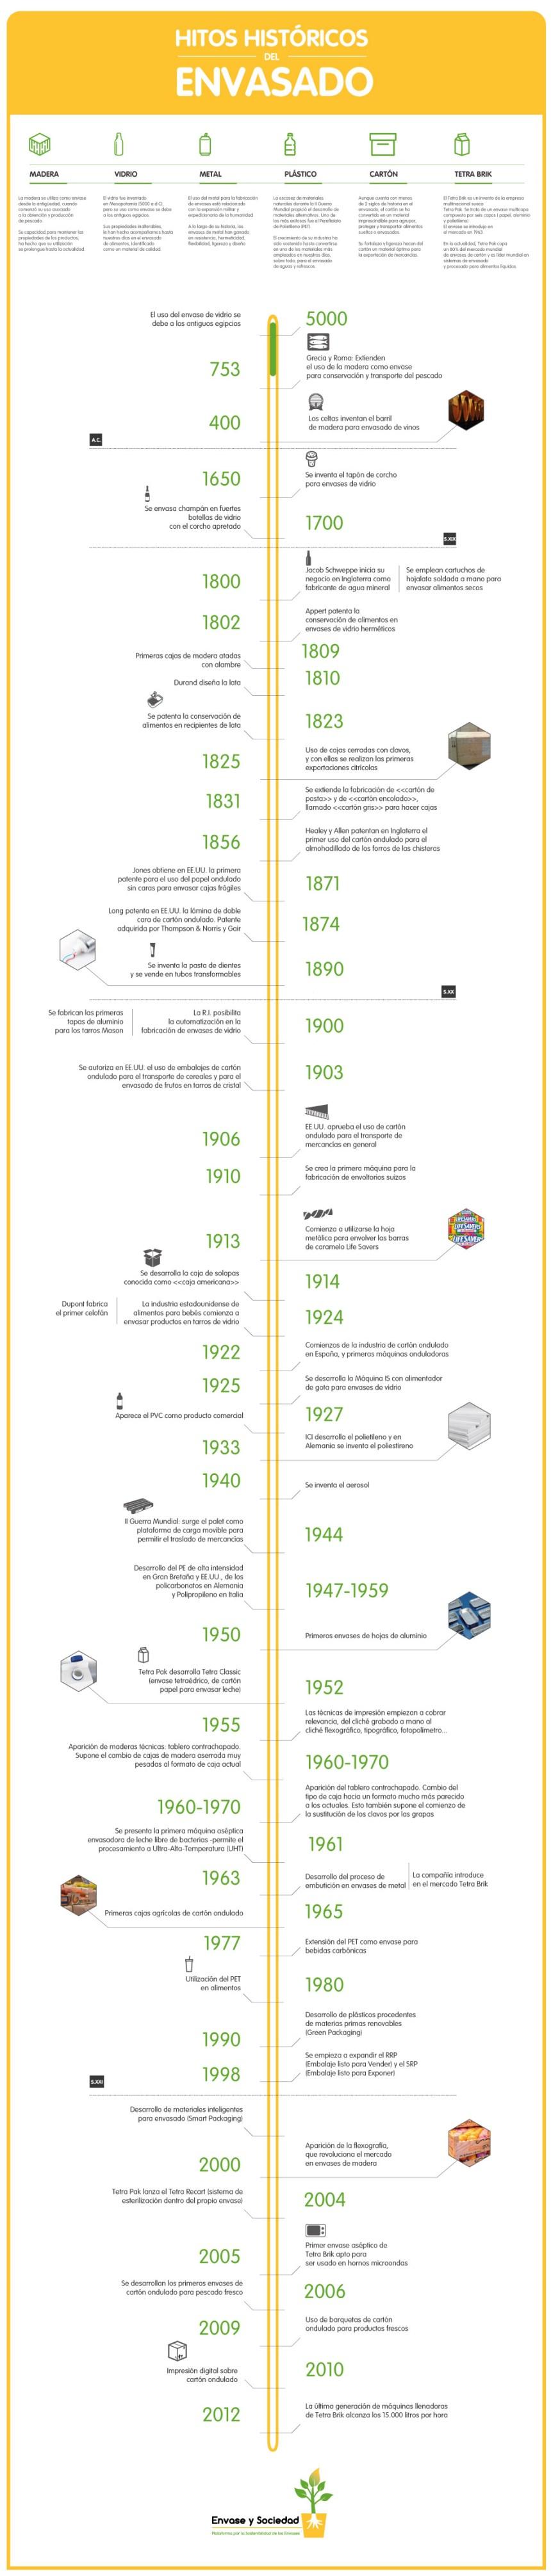 Hitos históricos del envasado